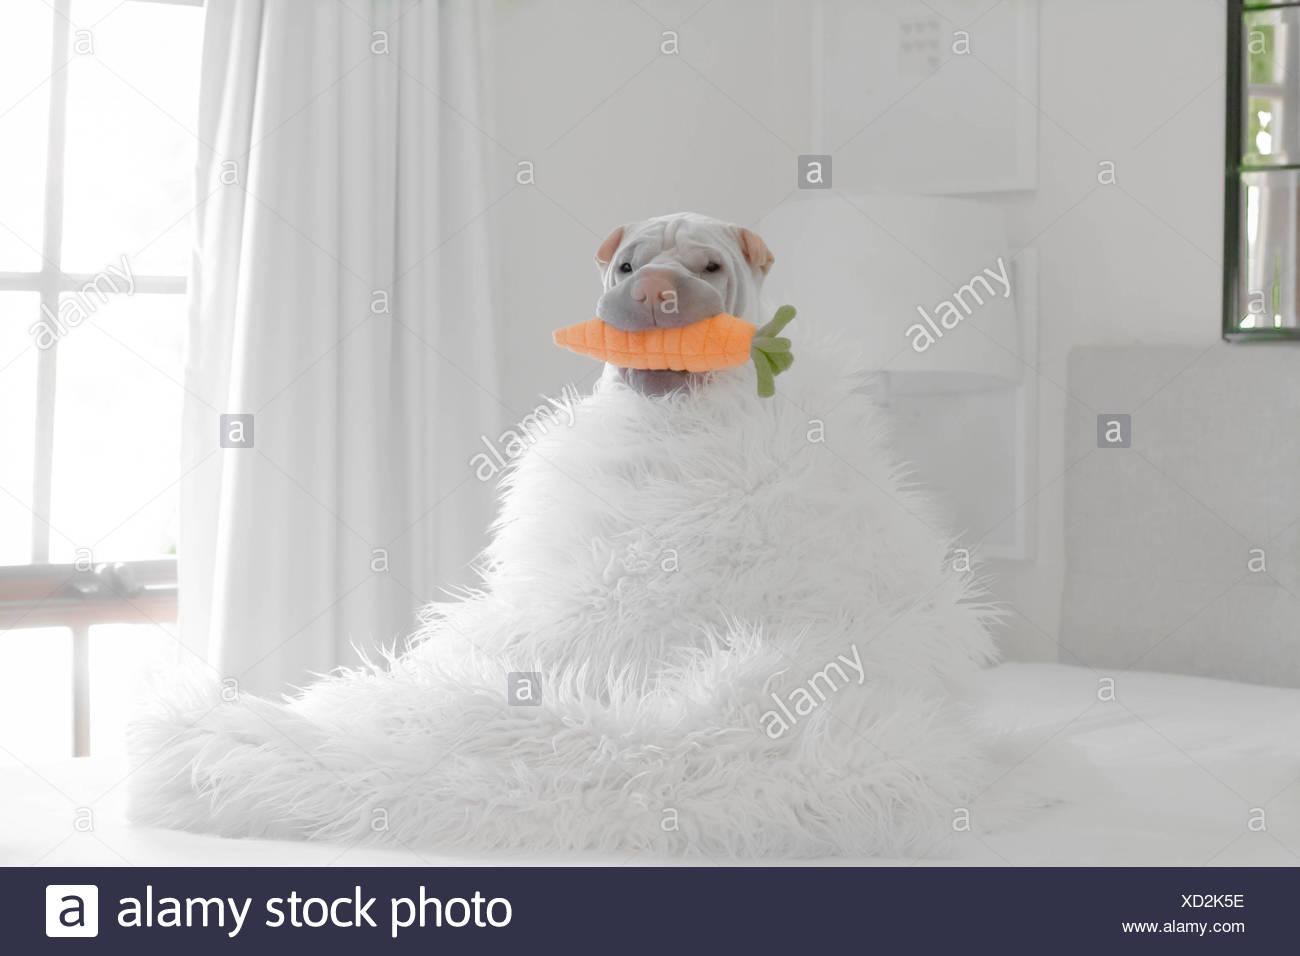 Dog Snowman Stock Photos Amp Dog Snowman Stock Images Alamy